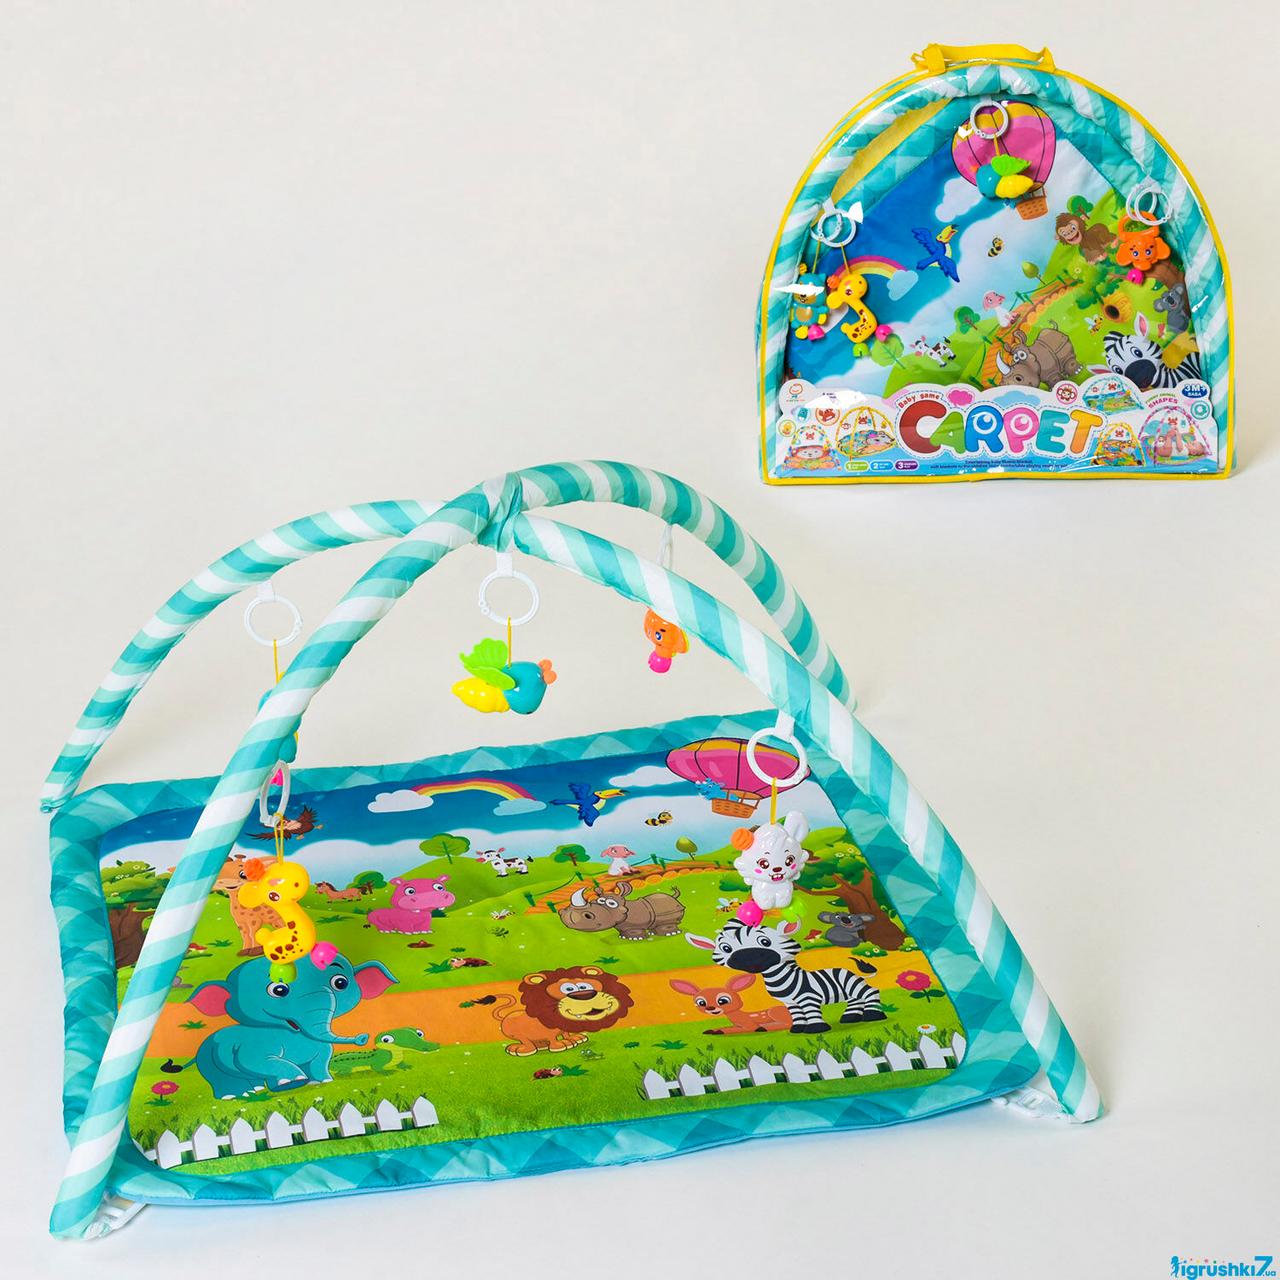 Коврик игровой для детей 829, 5 подвесок, в сумке